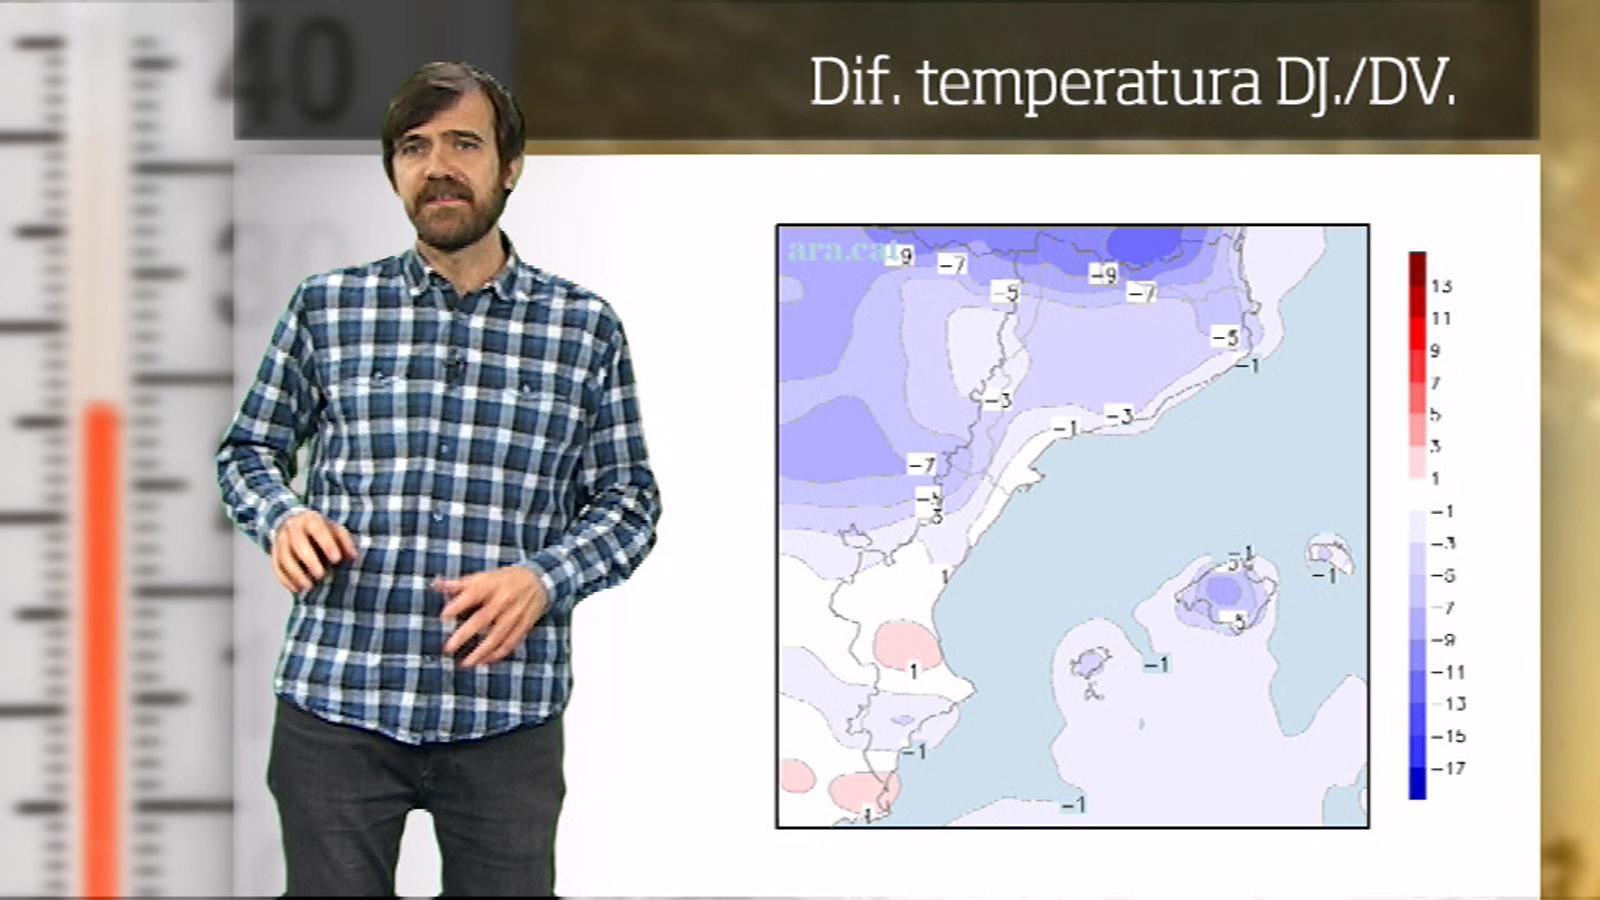 La méteo en 1 minut: cap de setmana amb entre 4 i 7 graus menys